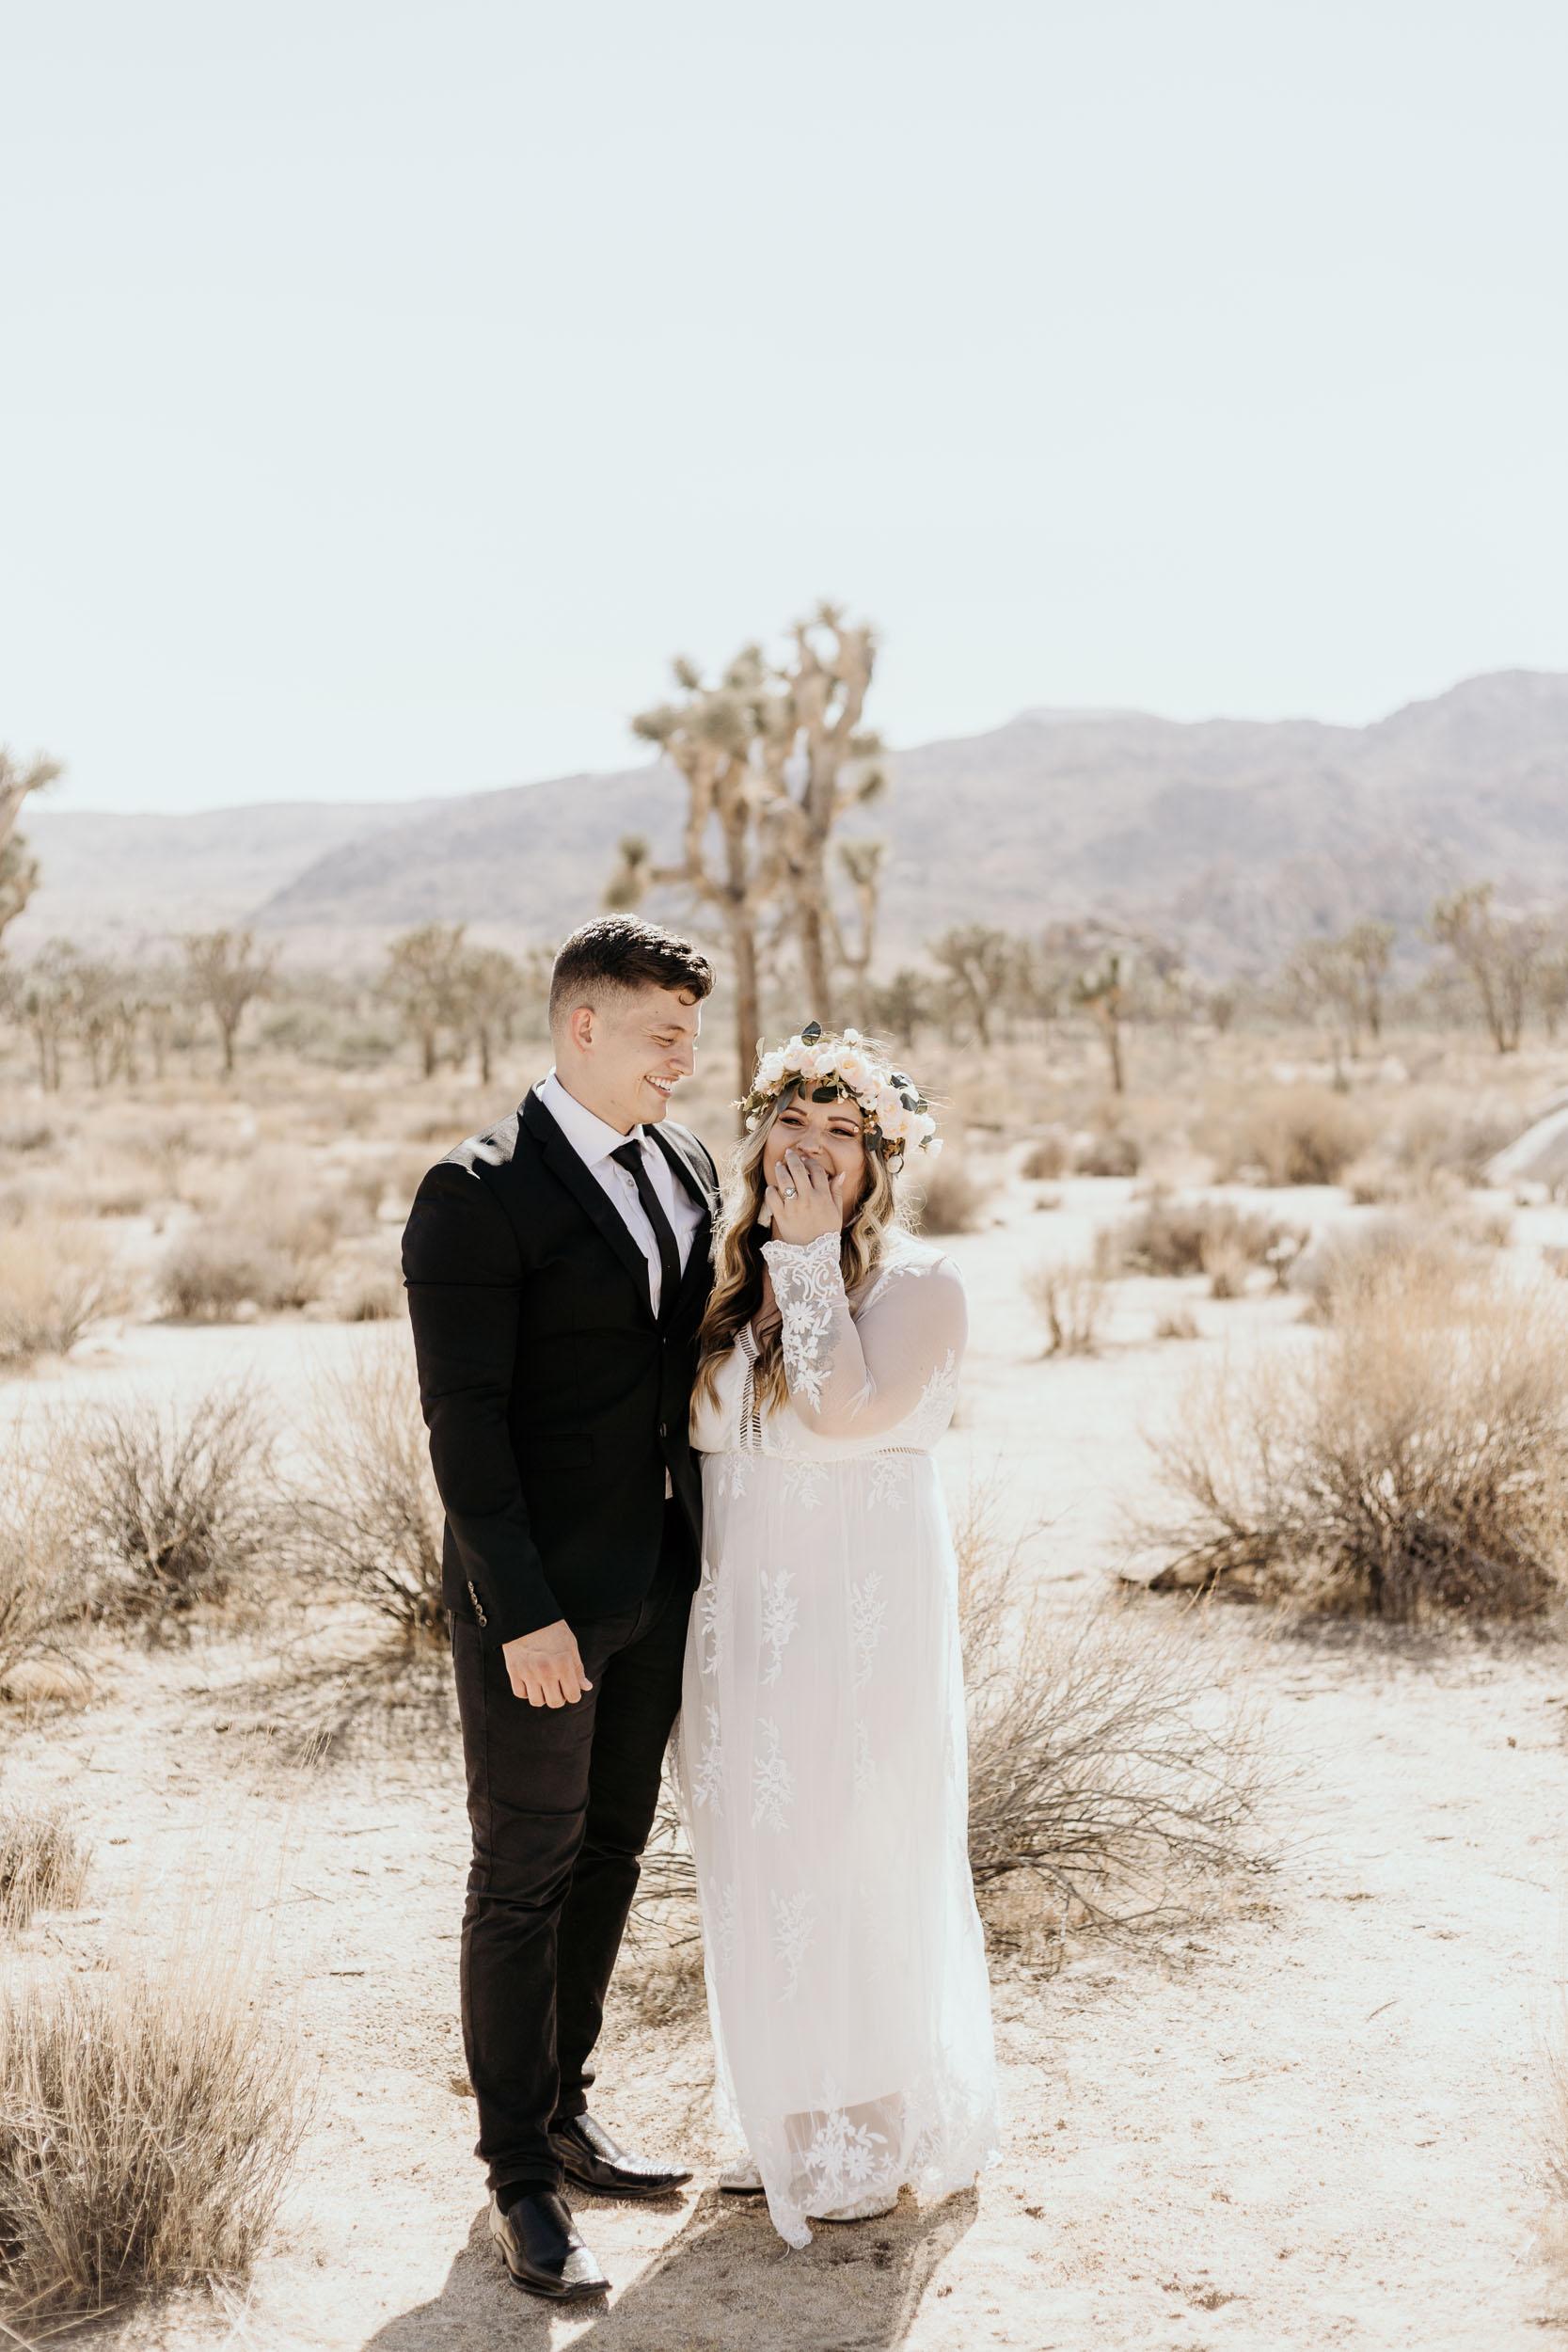 intimate-wedding-elopement-photographer-ottawa-joshua-tree-0312.jpg